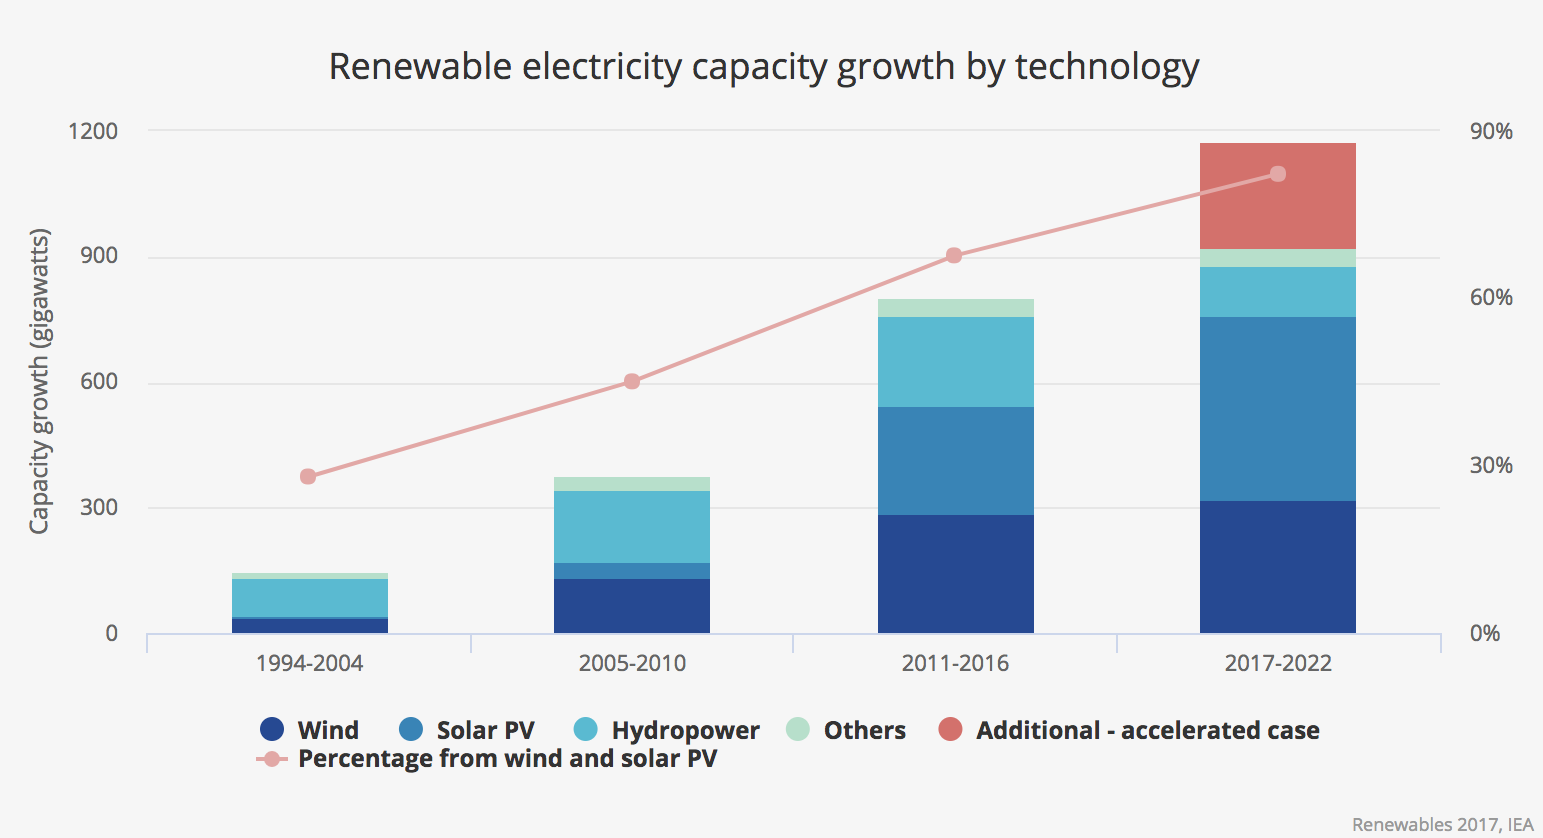 Graafikul on toodud taastuvenergeetika globaalne kasv. 2016 aastal on kõikidest uutest energiapaigaldustest 2/3 olnud tuule- või päikeseenergia. Samal aastal suurenes ülemaailme päikeseenergia kasutamine 50% võrra. Allikas: (3)